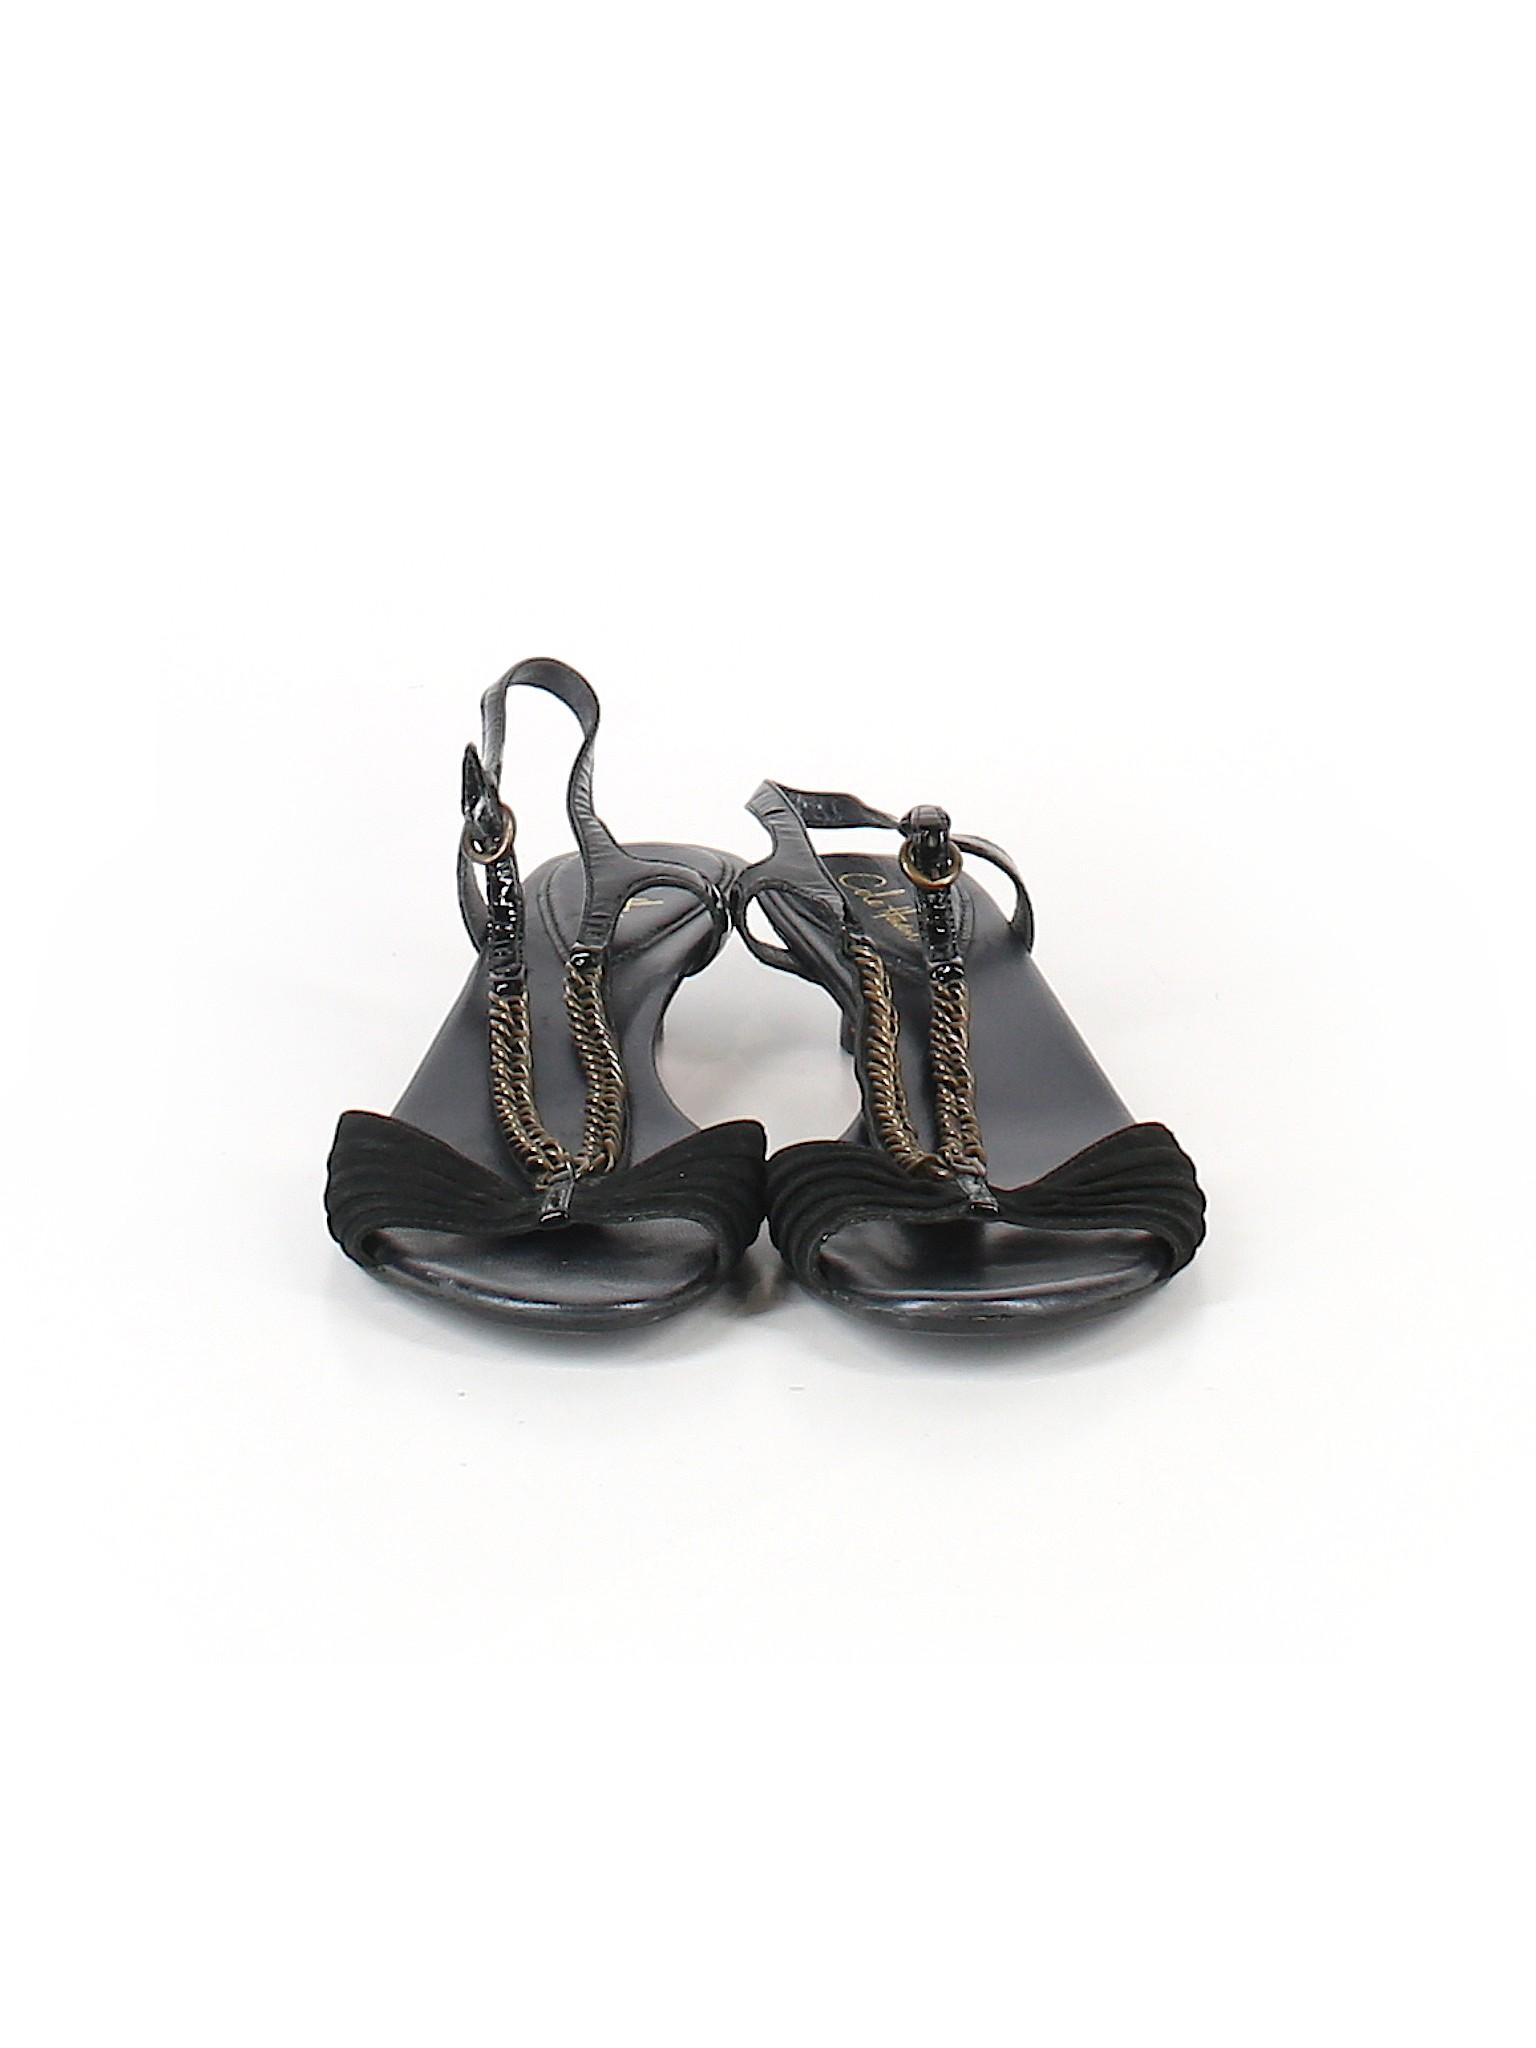 Boutique Cole Boutique promotion Cole promotion Haan Sandals Haan Sandals wCqzPxIcqU